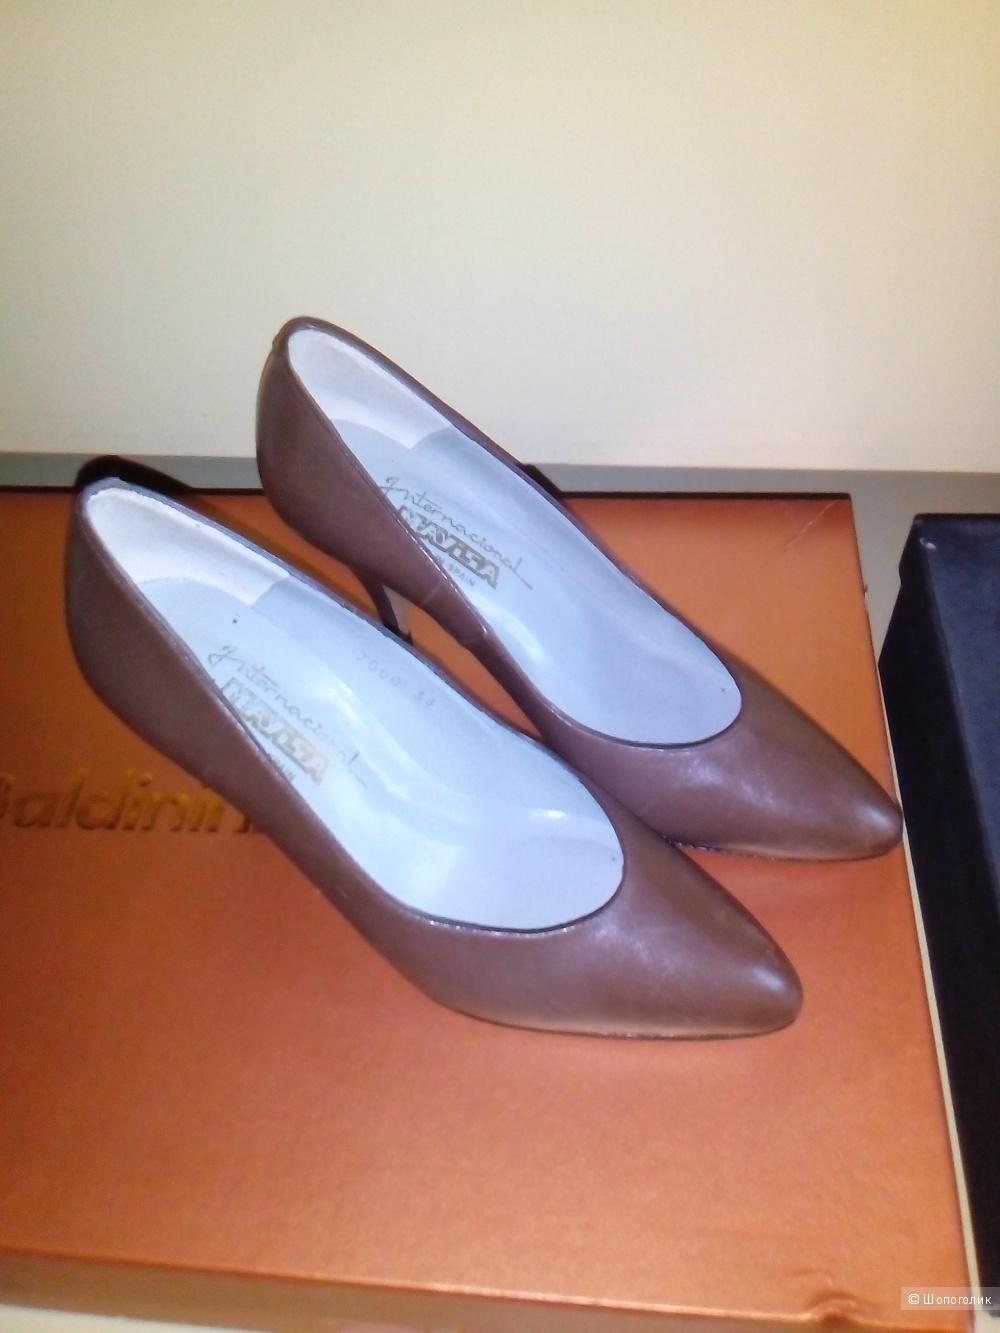 Туфли Mayisa, 38 размер. Коричневые